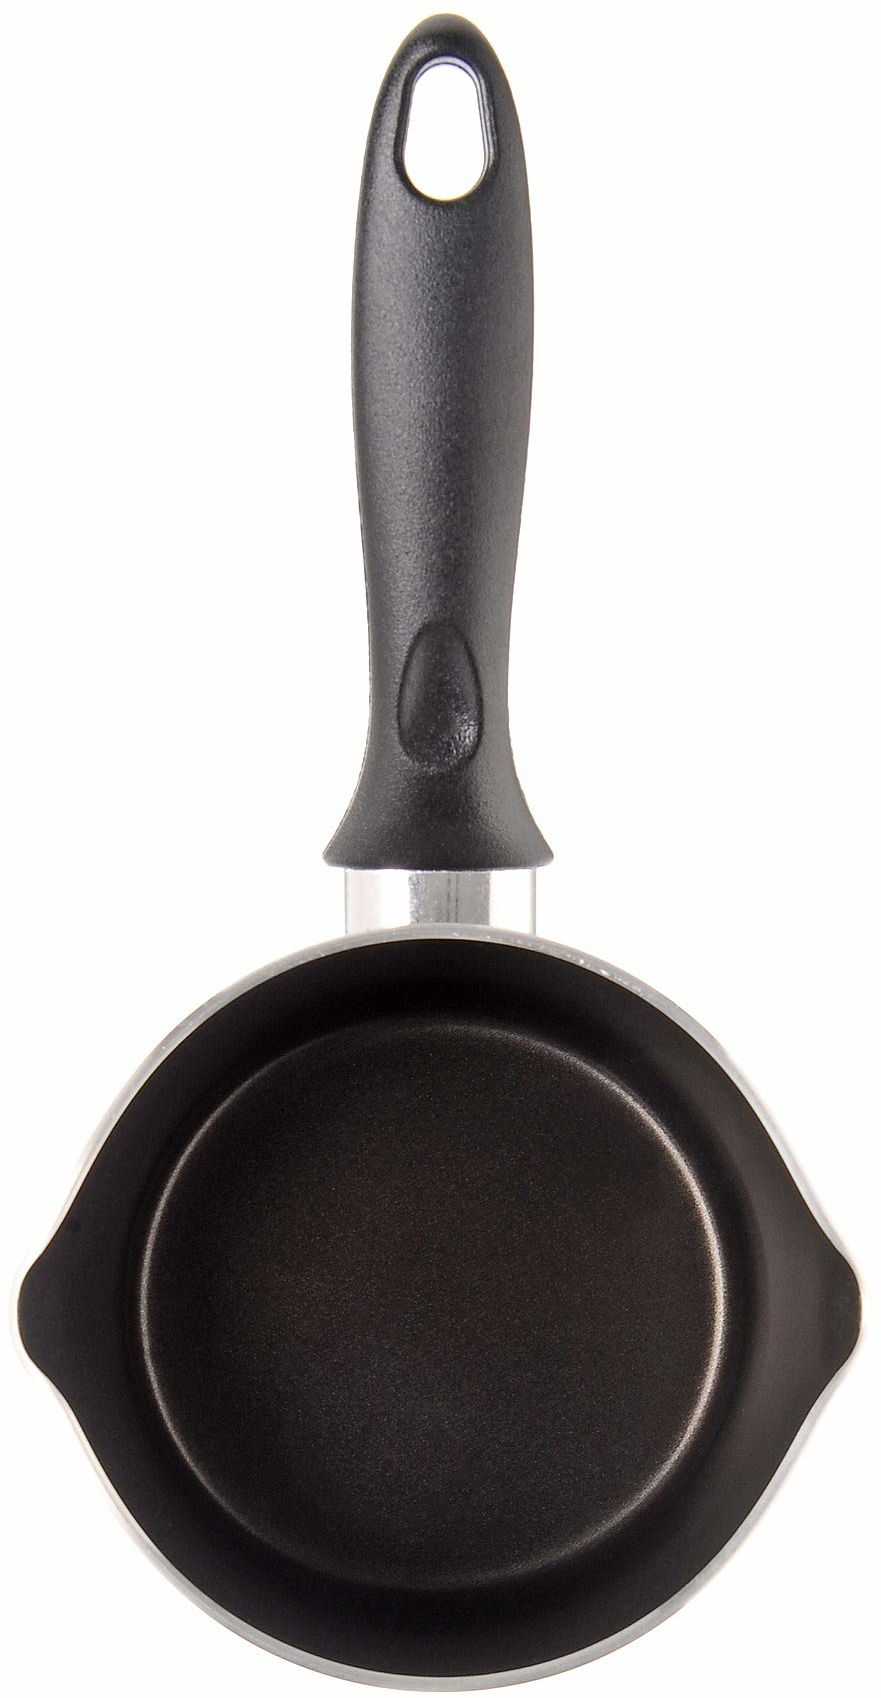 Alluflon garnek kuchenny z lejkiem 14 cm, 0,95 l, aluminium, przeznaczony do kontaktu z żywnością